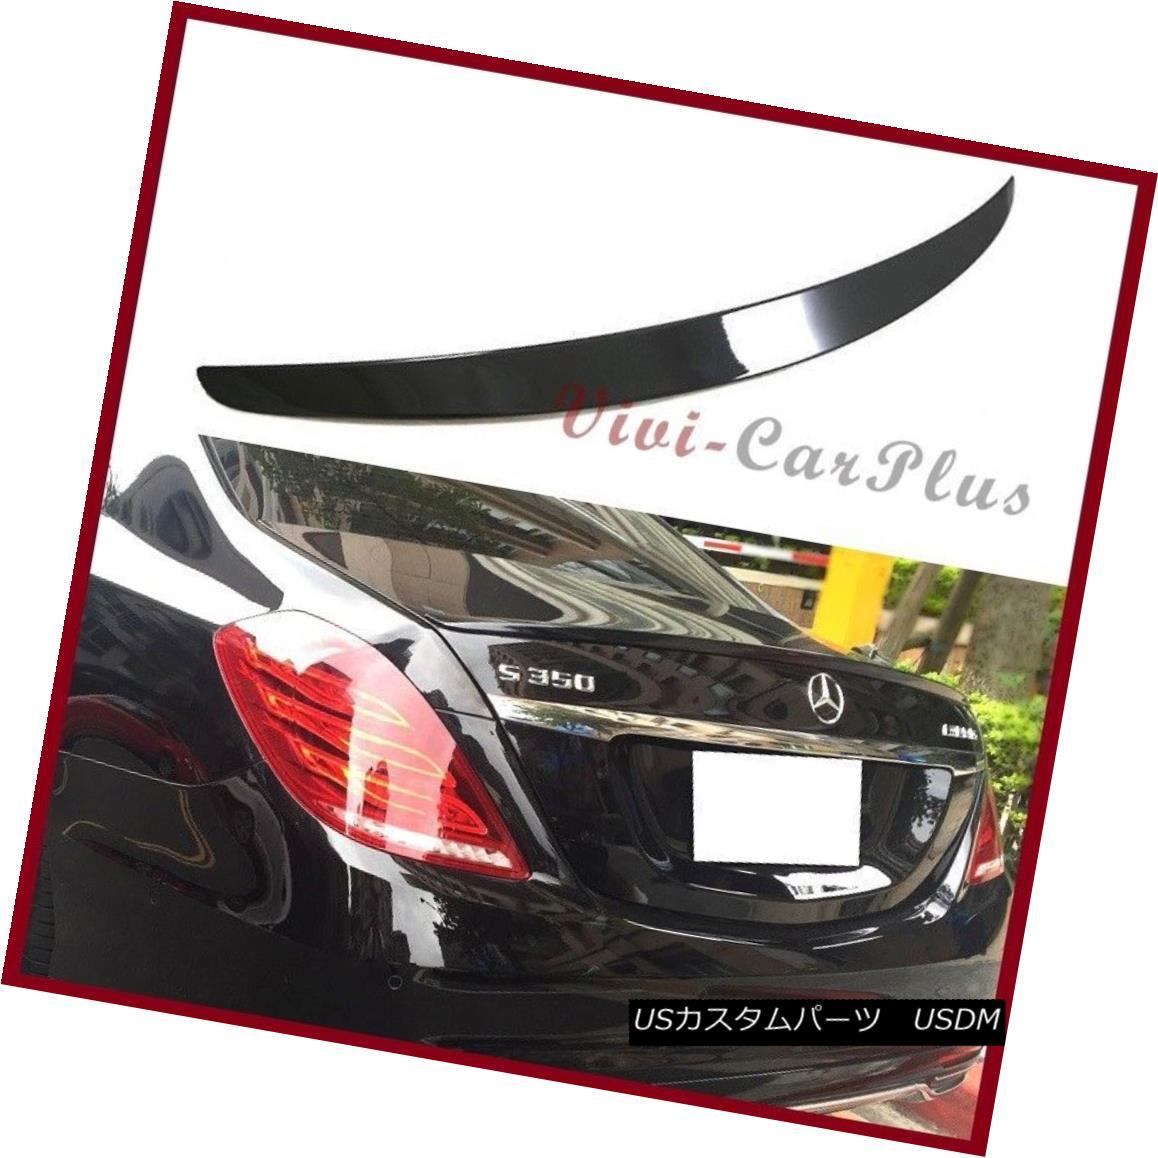 エアロパーツ #197 Obsidian Black 14-16 On Benz W222 OE Look S400 S500 S550 S600 Trunk Spoiler #197 Obsidian Black 14-16ベンツW222 OEルックS400 S500 S550 S600トランク・スポイラー